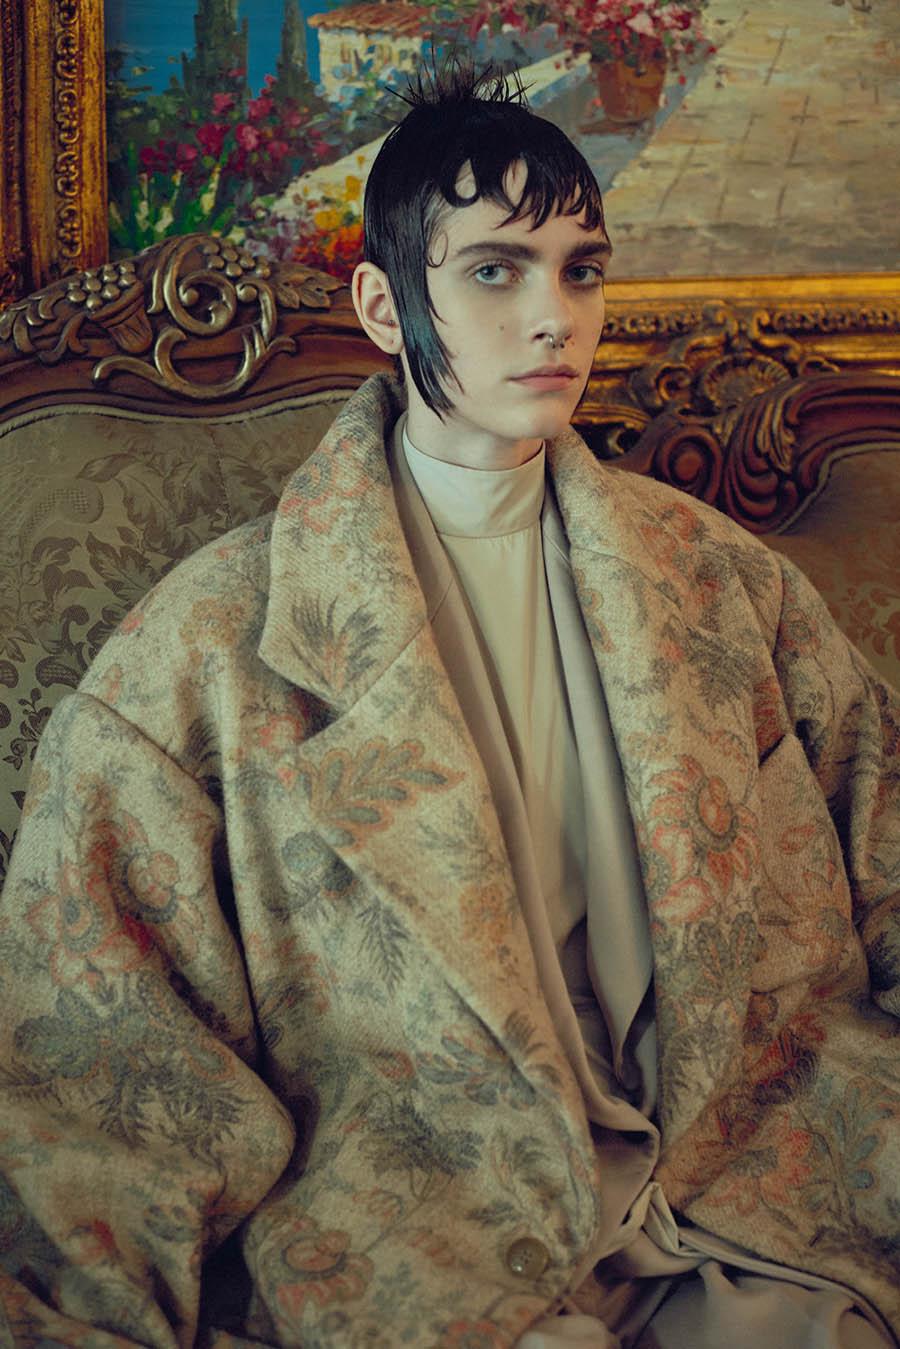 Amandine Renard by Sofia Sanchez & Mauro Mongiello for Numéro October 2017